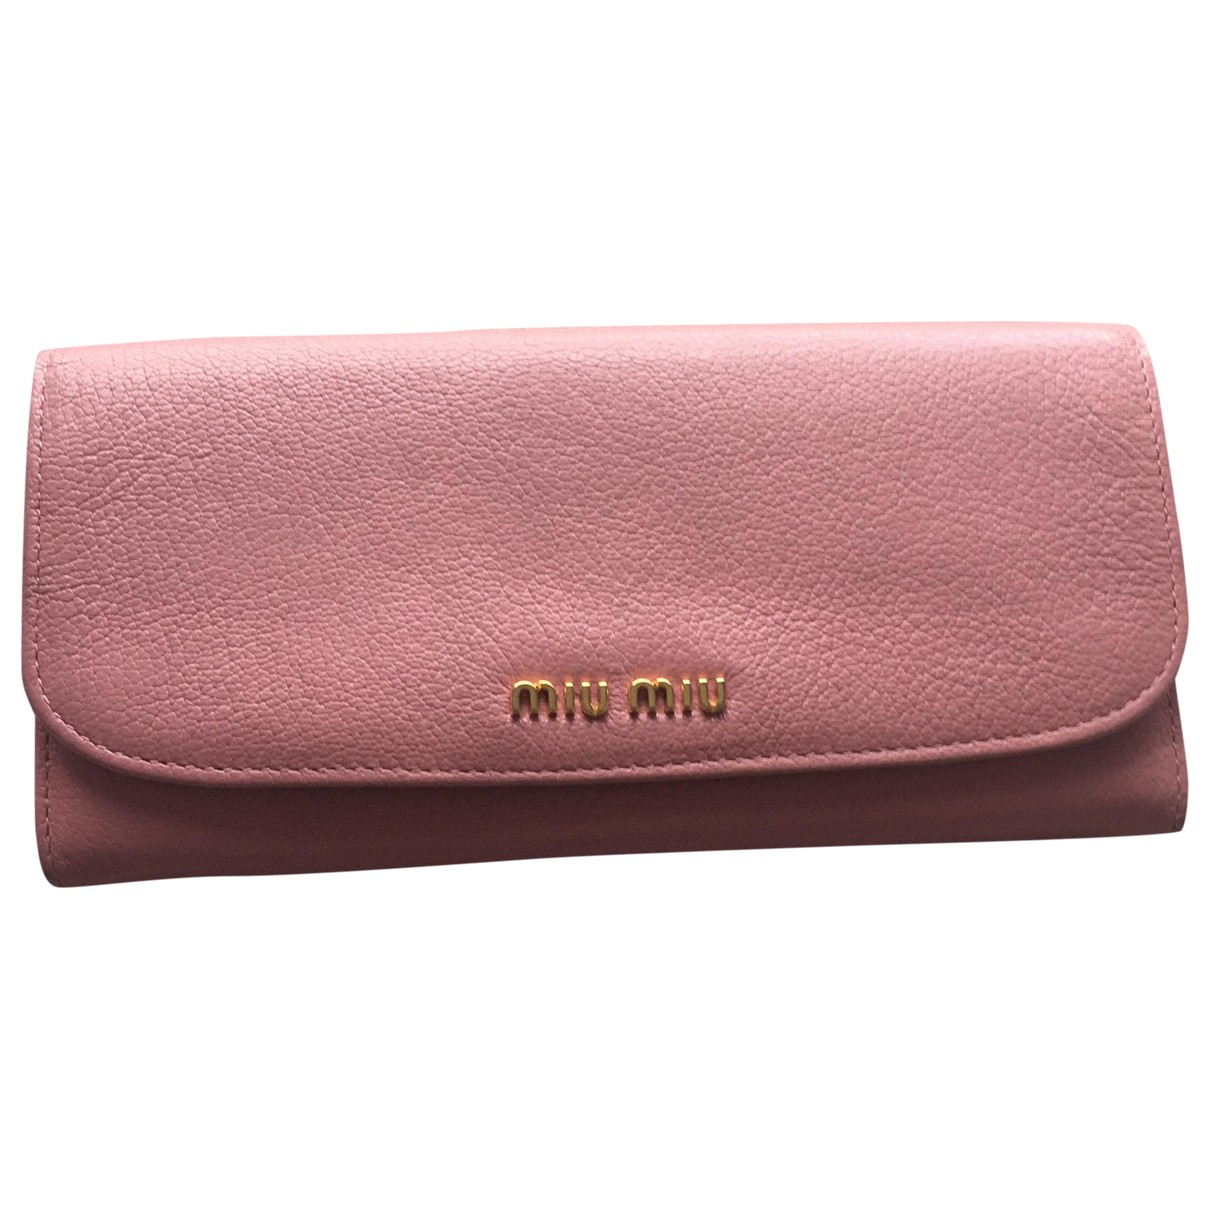 Miu Miu - Portefeuille   pour femme en cuir - rose